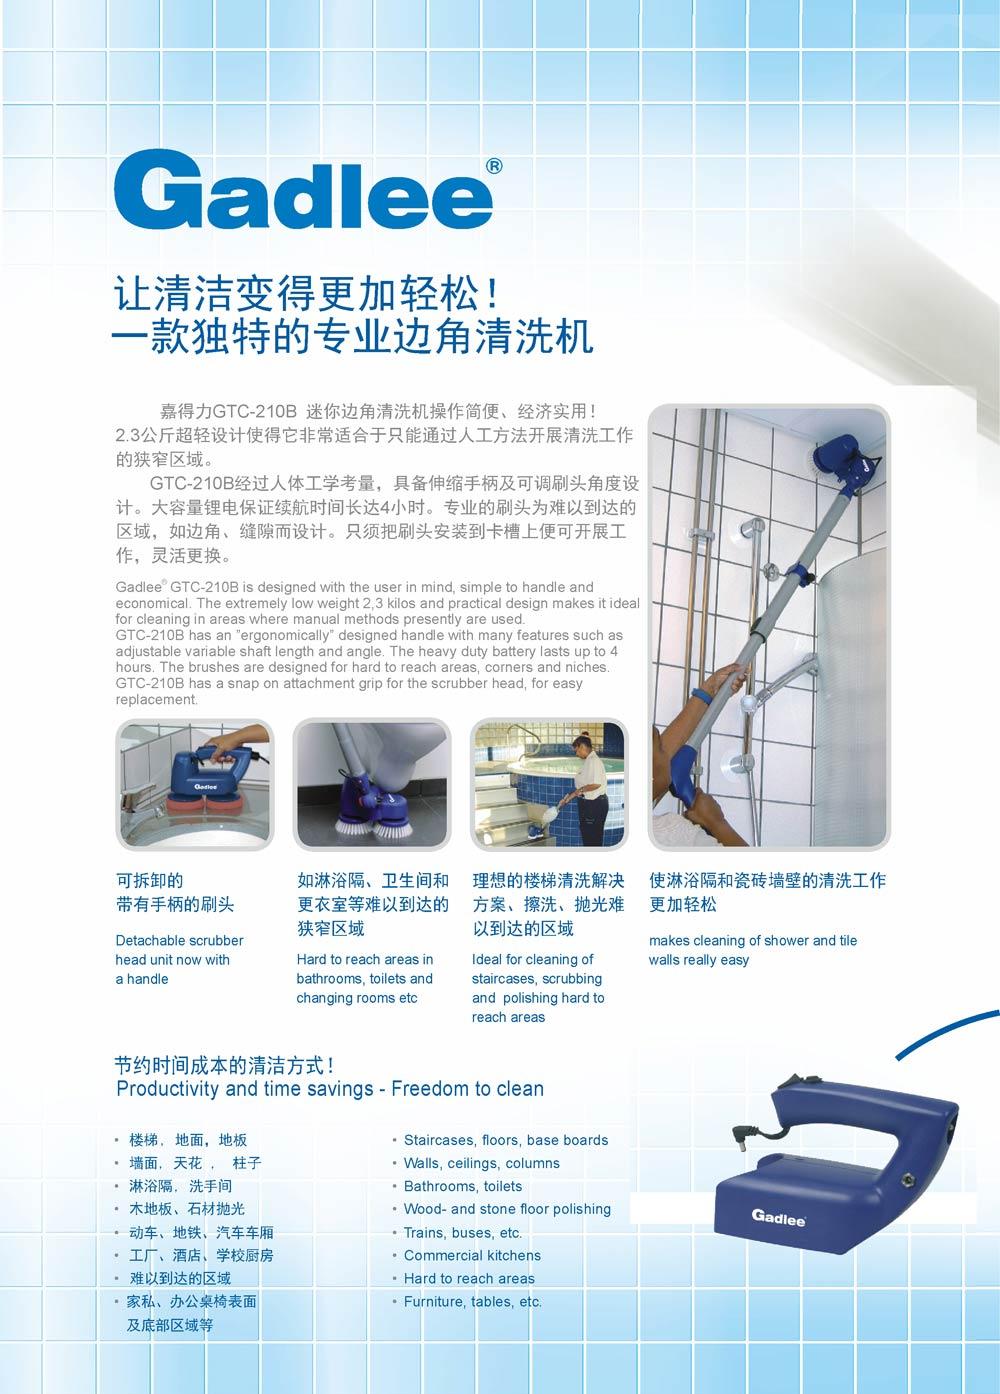 青海GT-1500高速抛光机 令地面快速光亮-嘉得力清洁科技GTC-210B超迷你边角清洗机清洁设备厂家供应